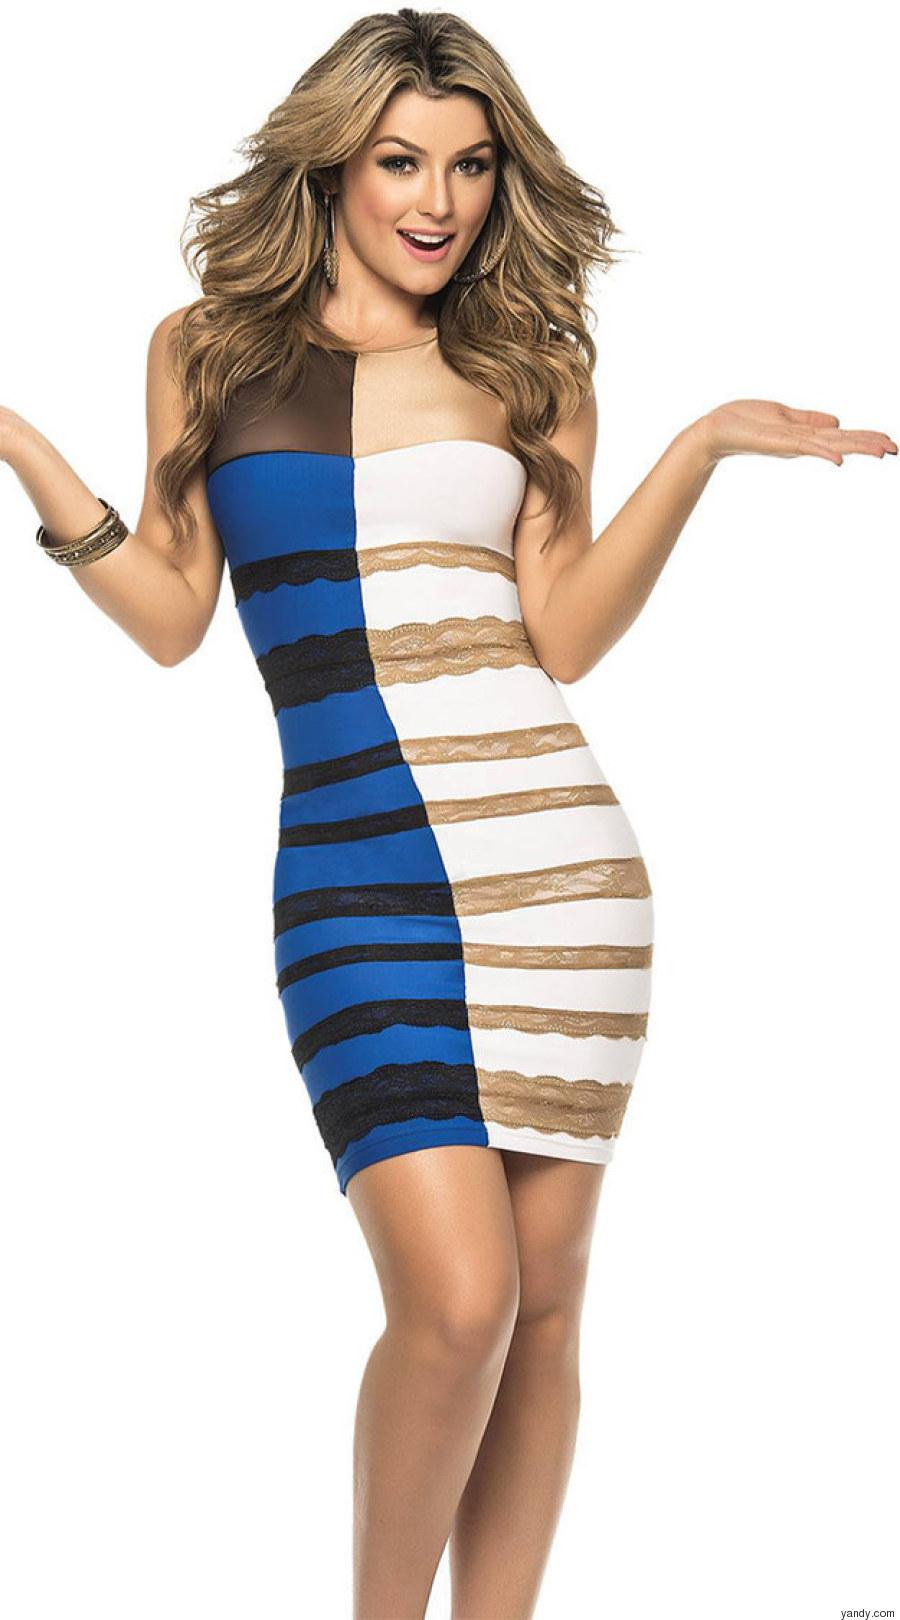 to wear - Dresses yandy video